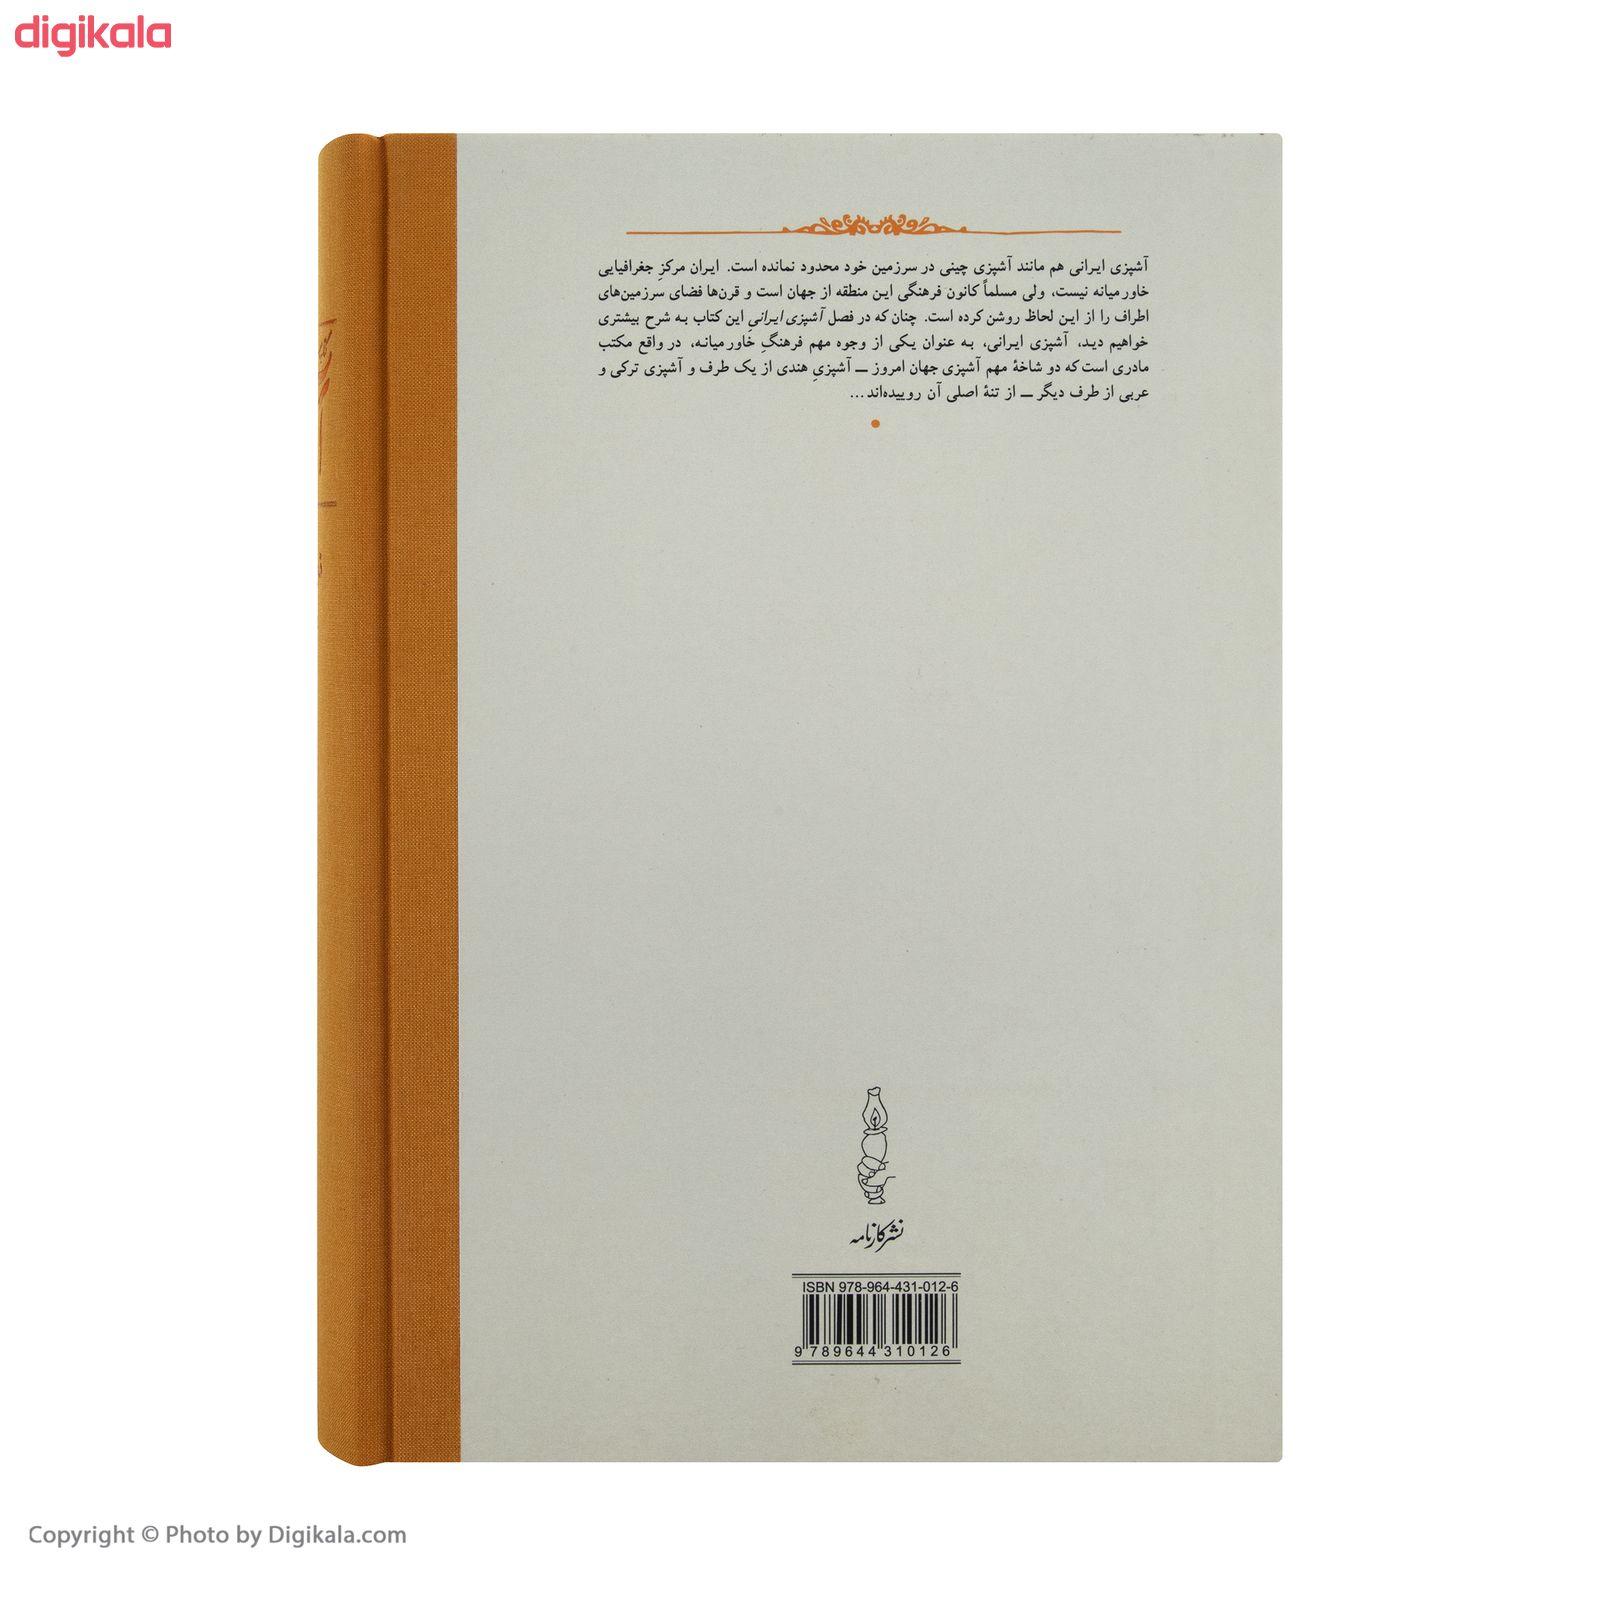 کتاب مستطاب آشپزی از سیر تا پیاز اثر نجف دریابندری دو جلدی main 1 9